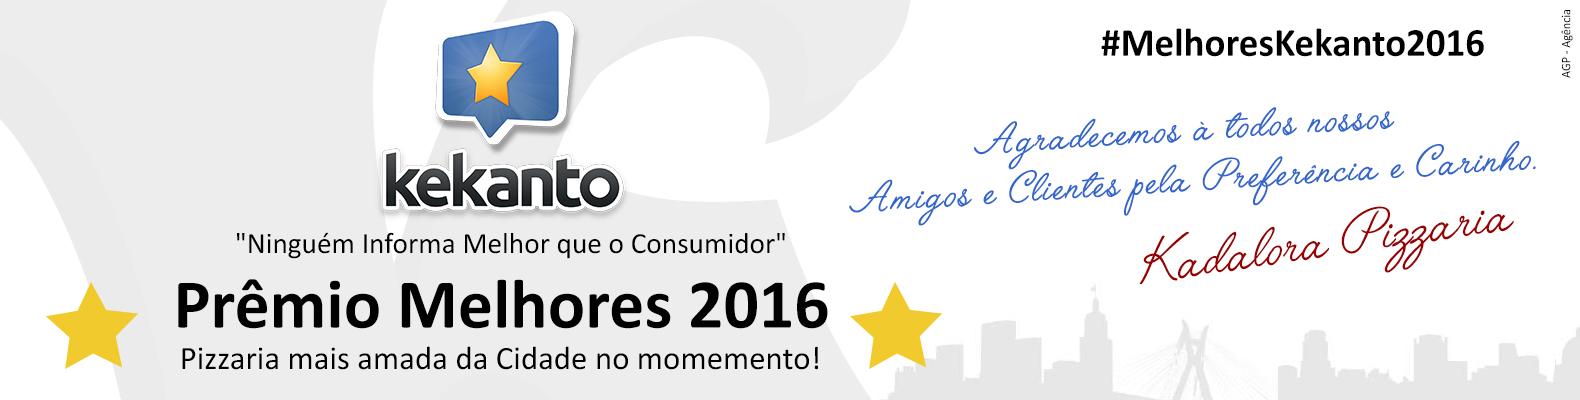 Prêmio Kekanto 2016